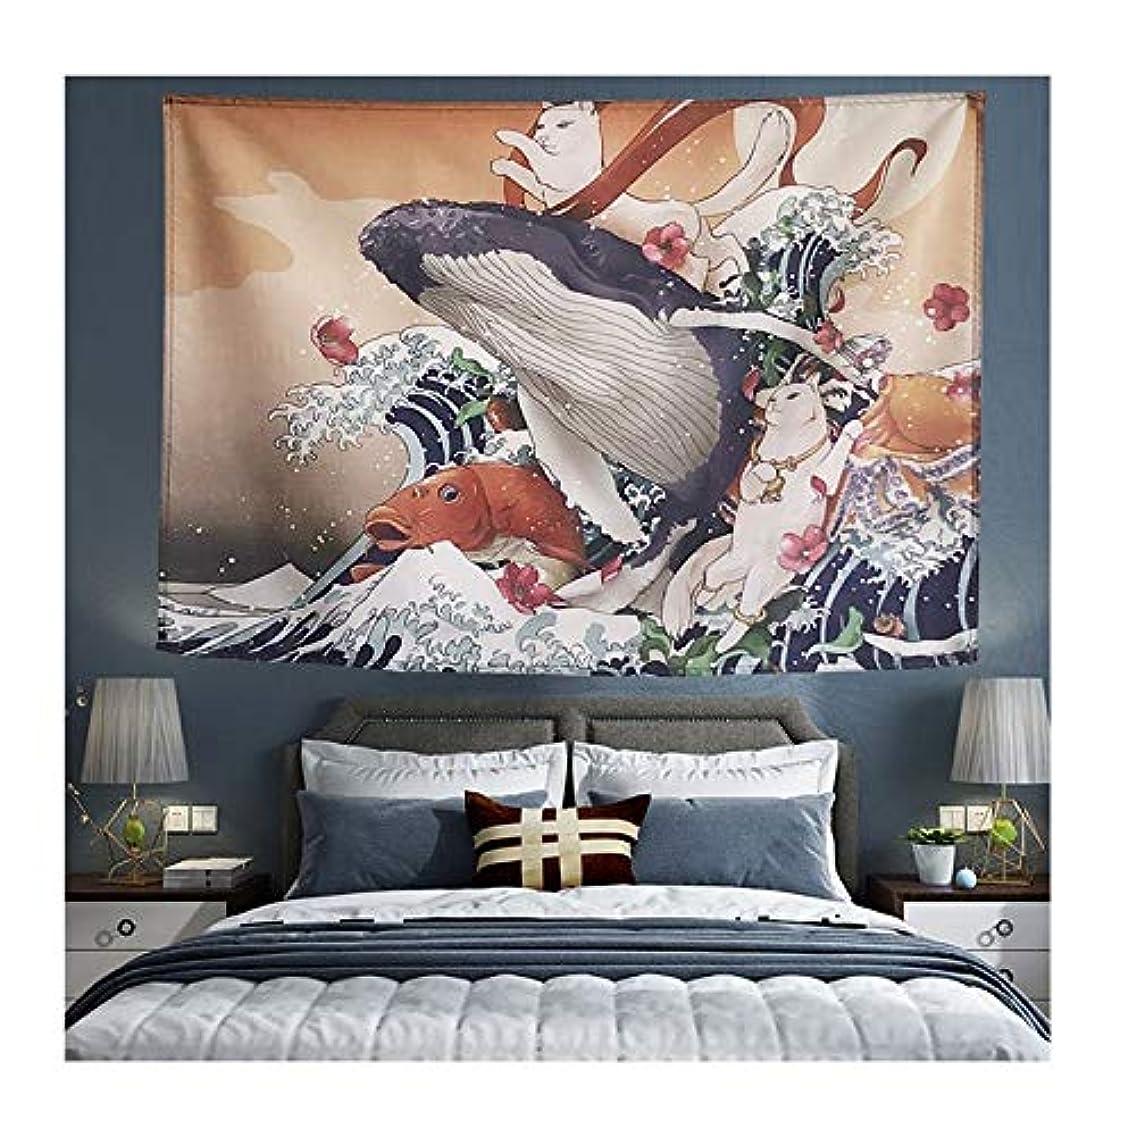 フェデレーション用量到着レトロな装飾的なタペストリーアニメ吊り寮の寝室の壁装壁アートタペストリー-190CM×125CM NTWXY